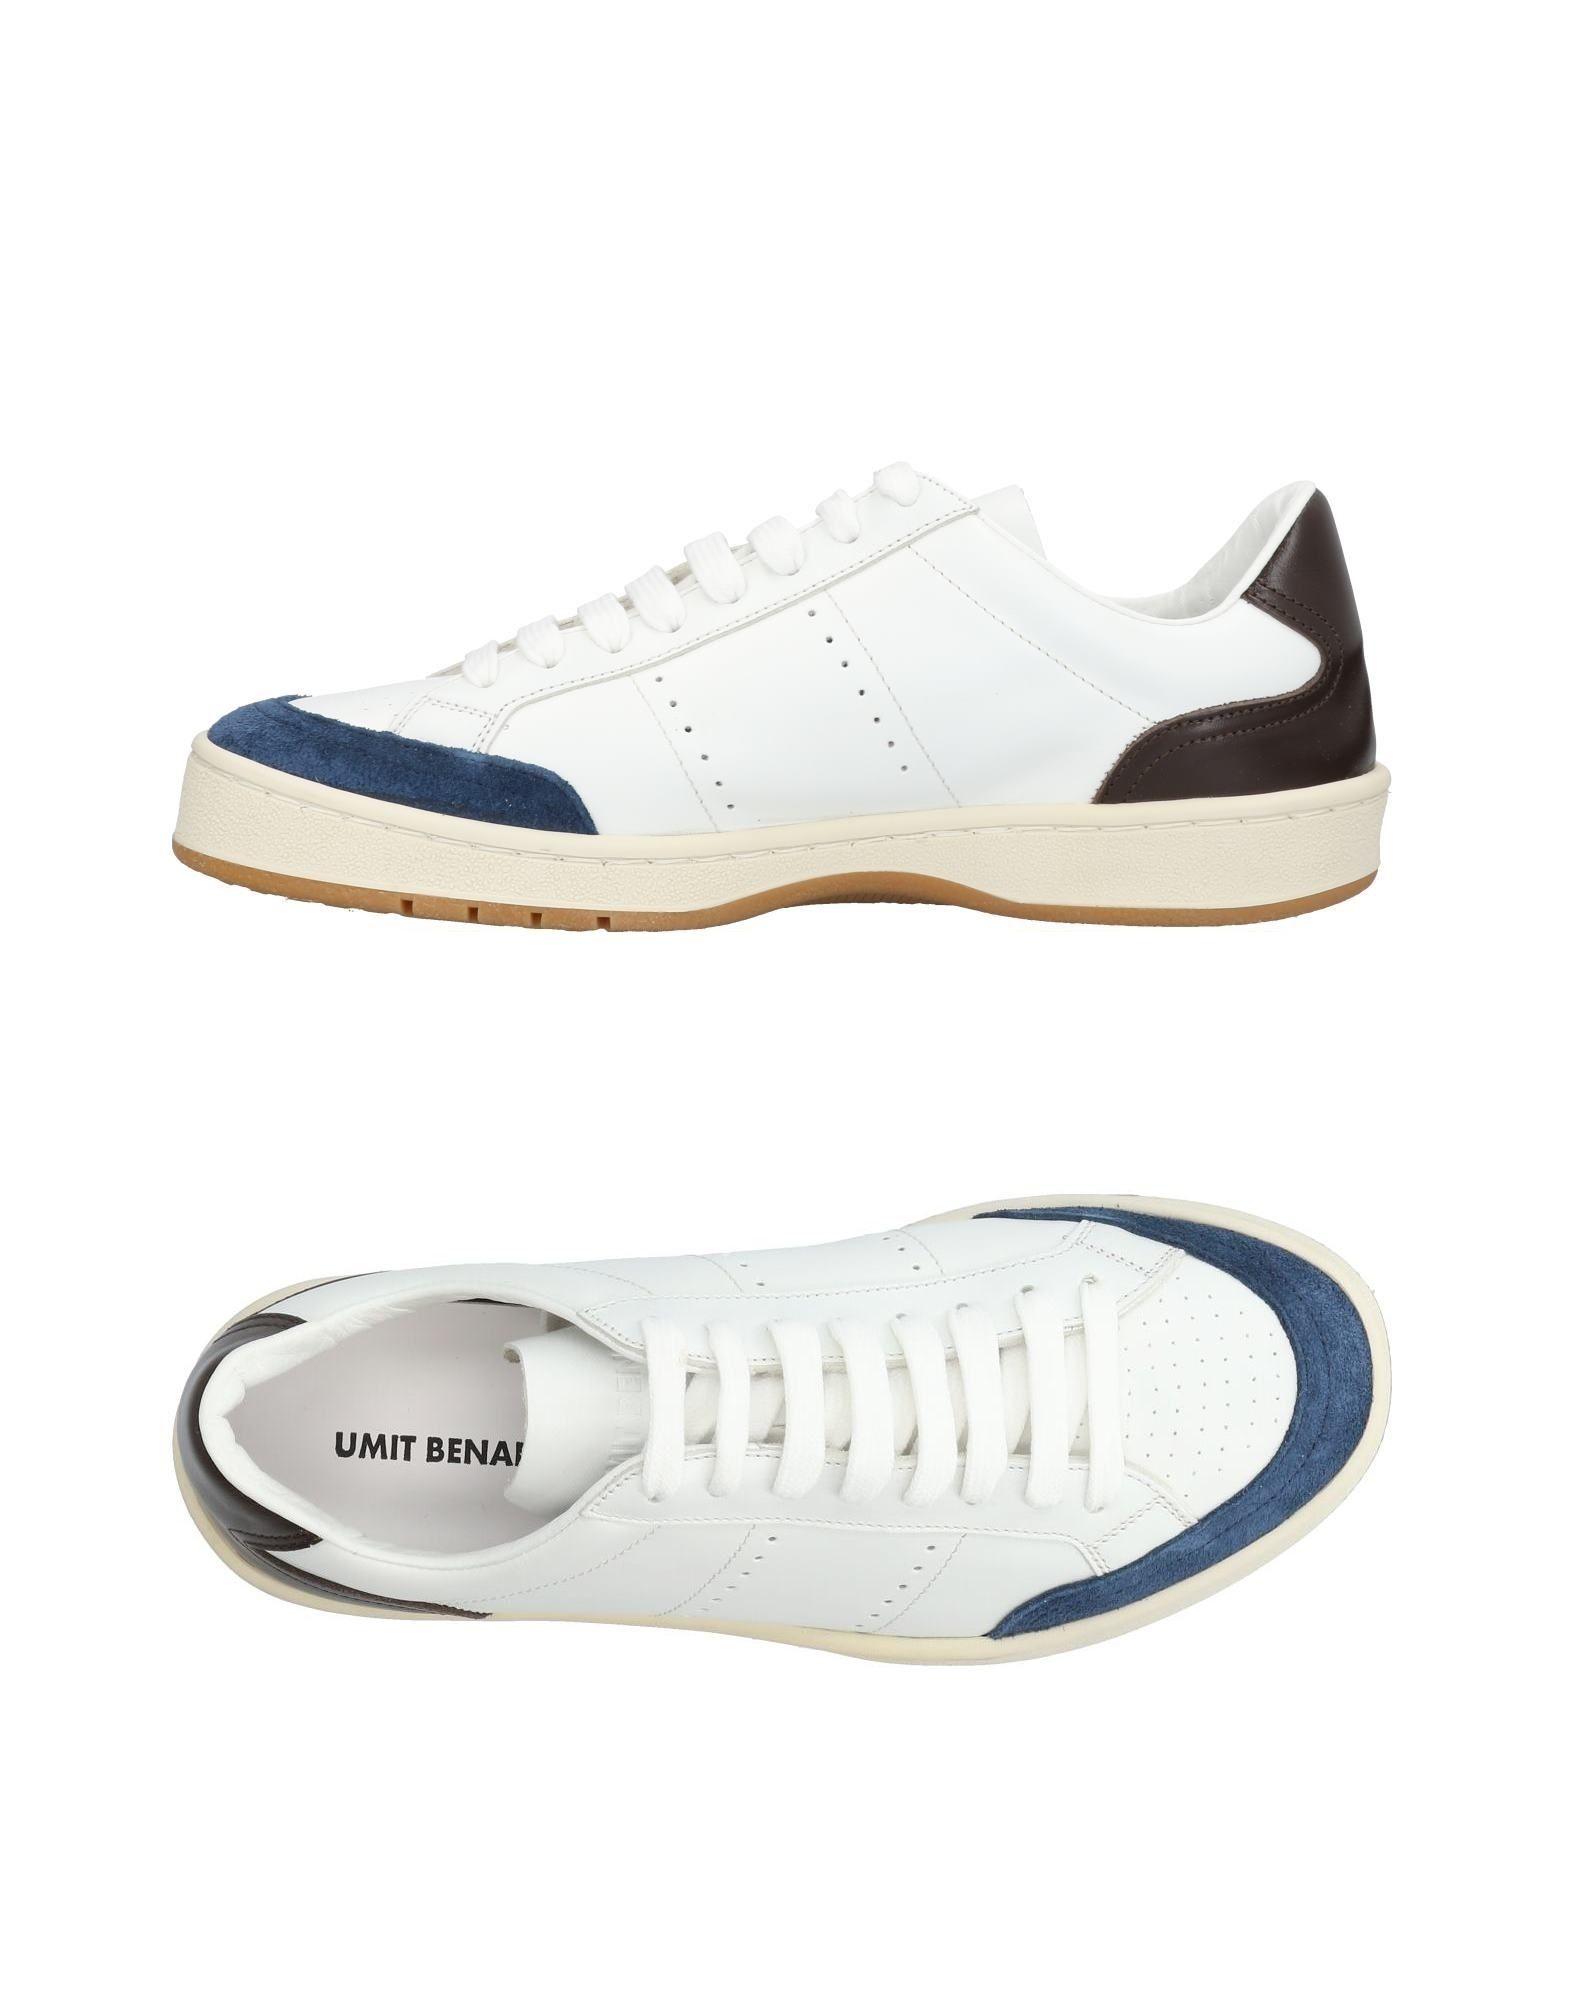 Umit Benan Sneakers Herren Herren Sneakers  11454859GH 676f46